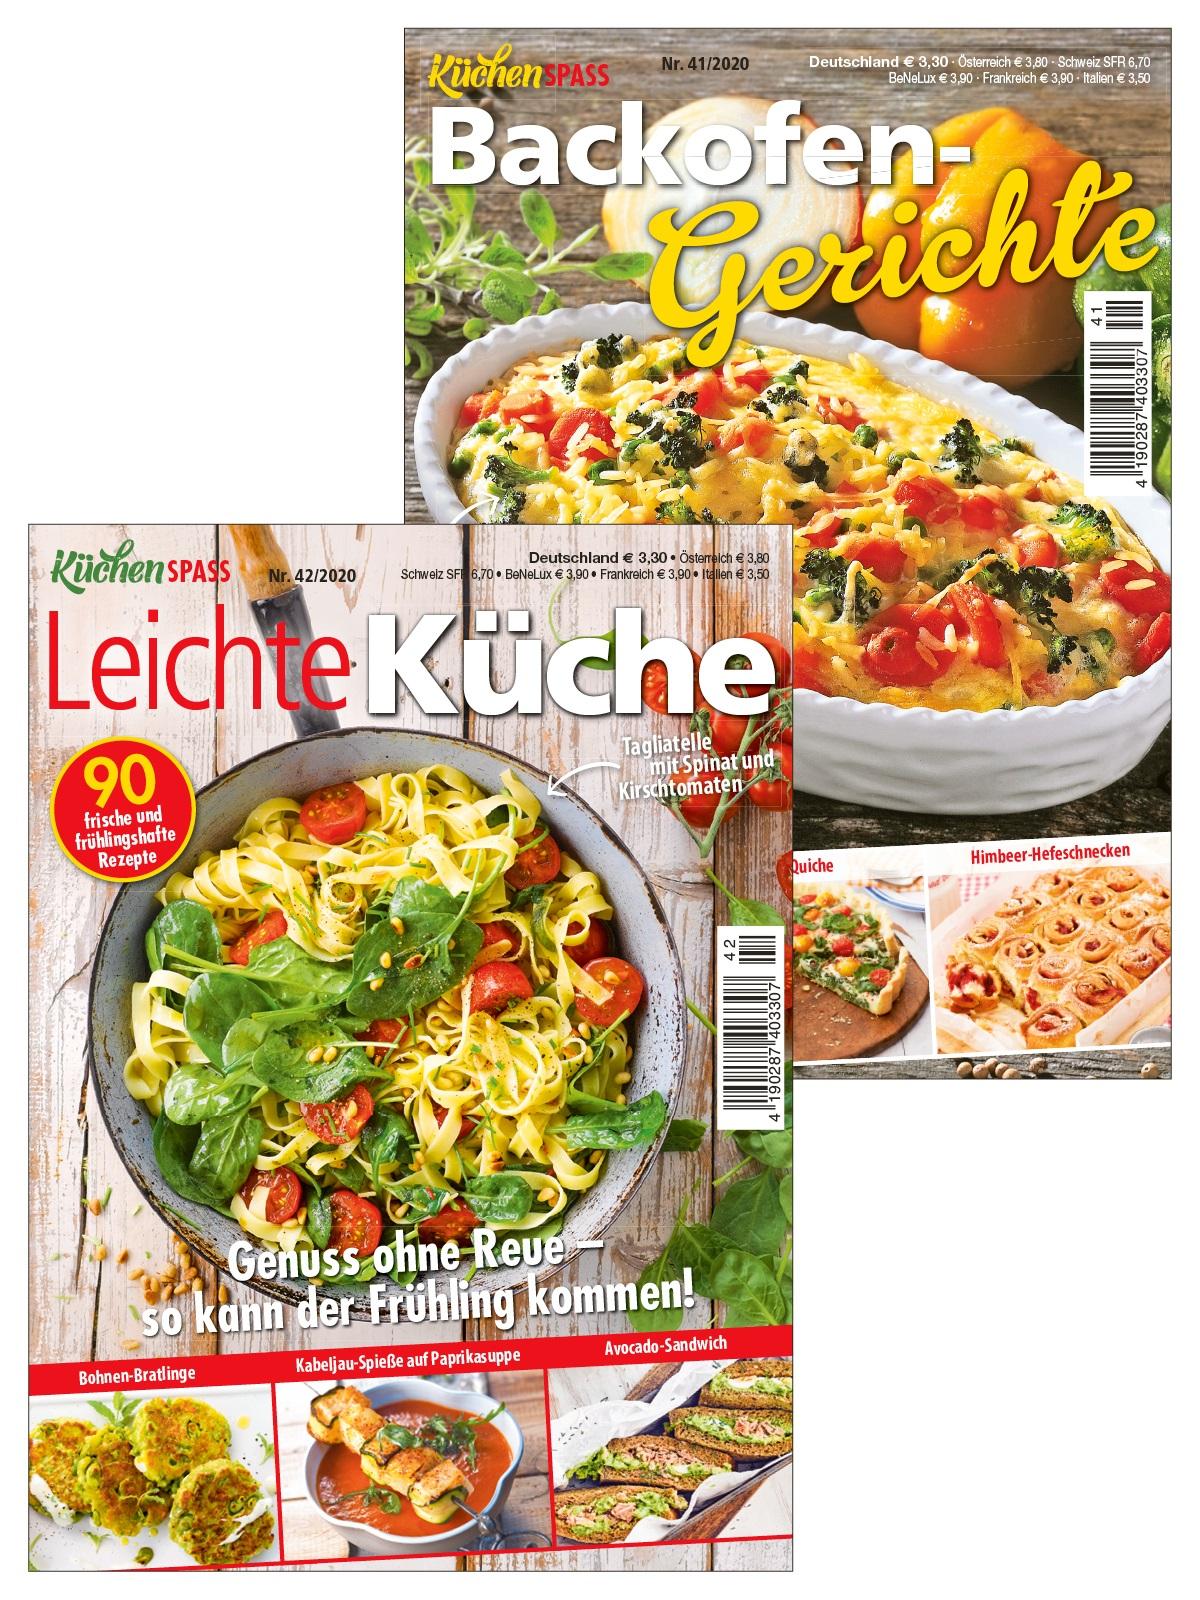 2 Zeitschriften statt 6,60 € nur 3,30 € - Küchenspaß Nr. 41/2020 und 42/2020